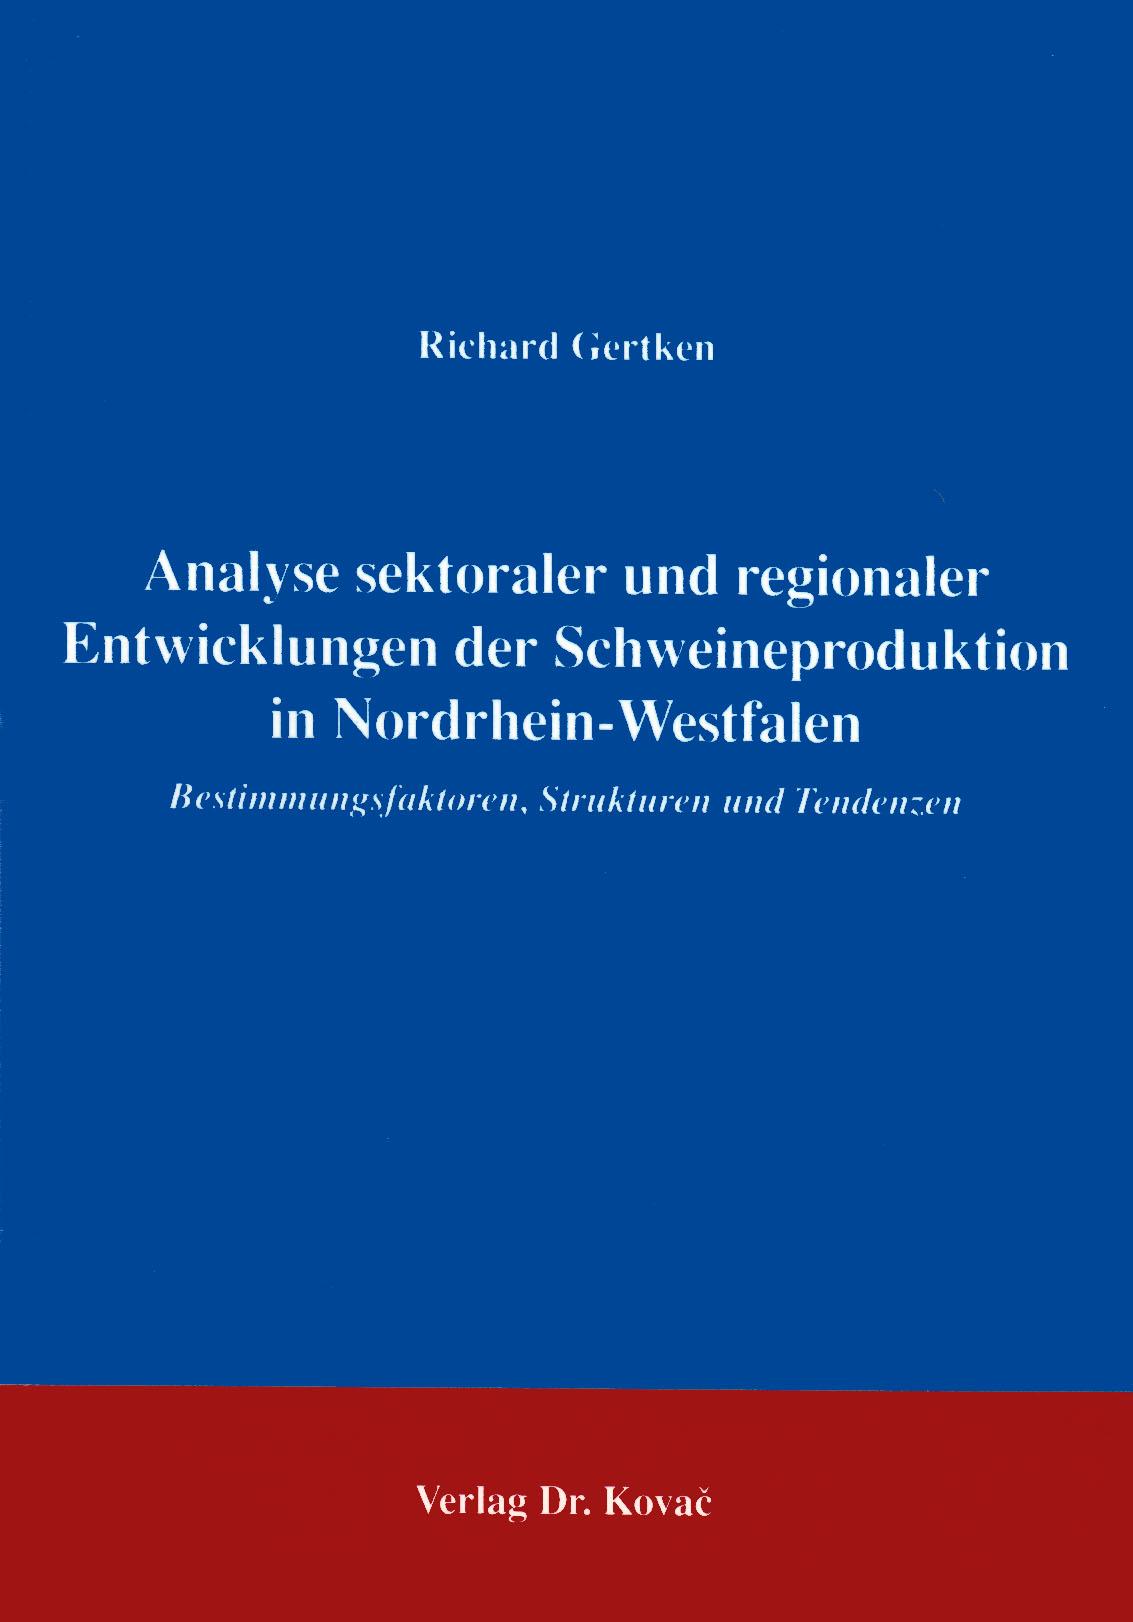 Cover: Analyse sektoraler und regionaler Entwicklungen der Schweineproduktion in Nordrhein-Westfalen